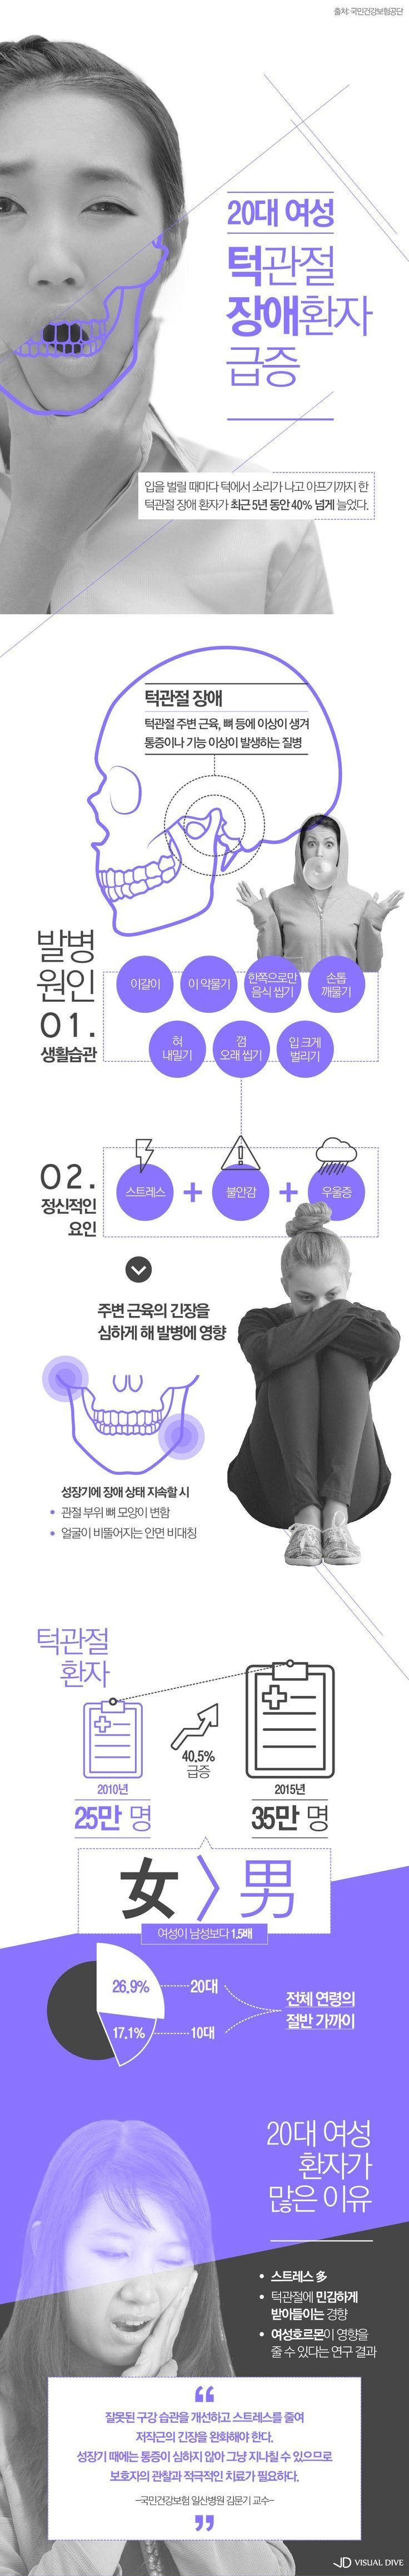 턱관절 장애 환자, 5년 동안 40.5% 급증…원인은? [인포그래픽] #jaw / #Infographic ⓒ 비주얼다이브 무단 복사·전재·재배포 금지